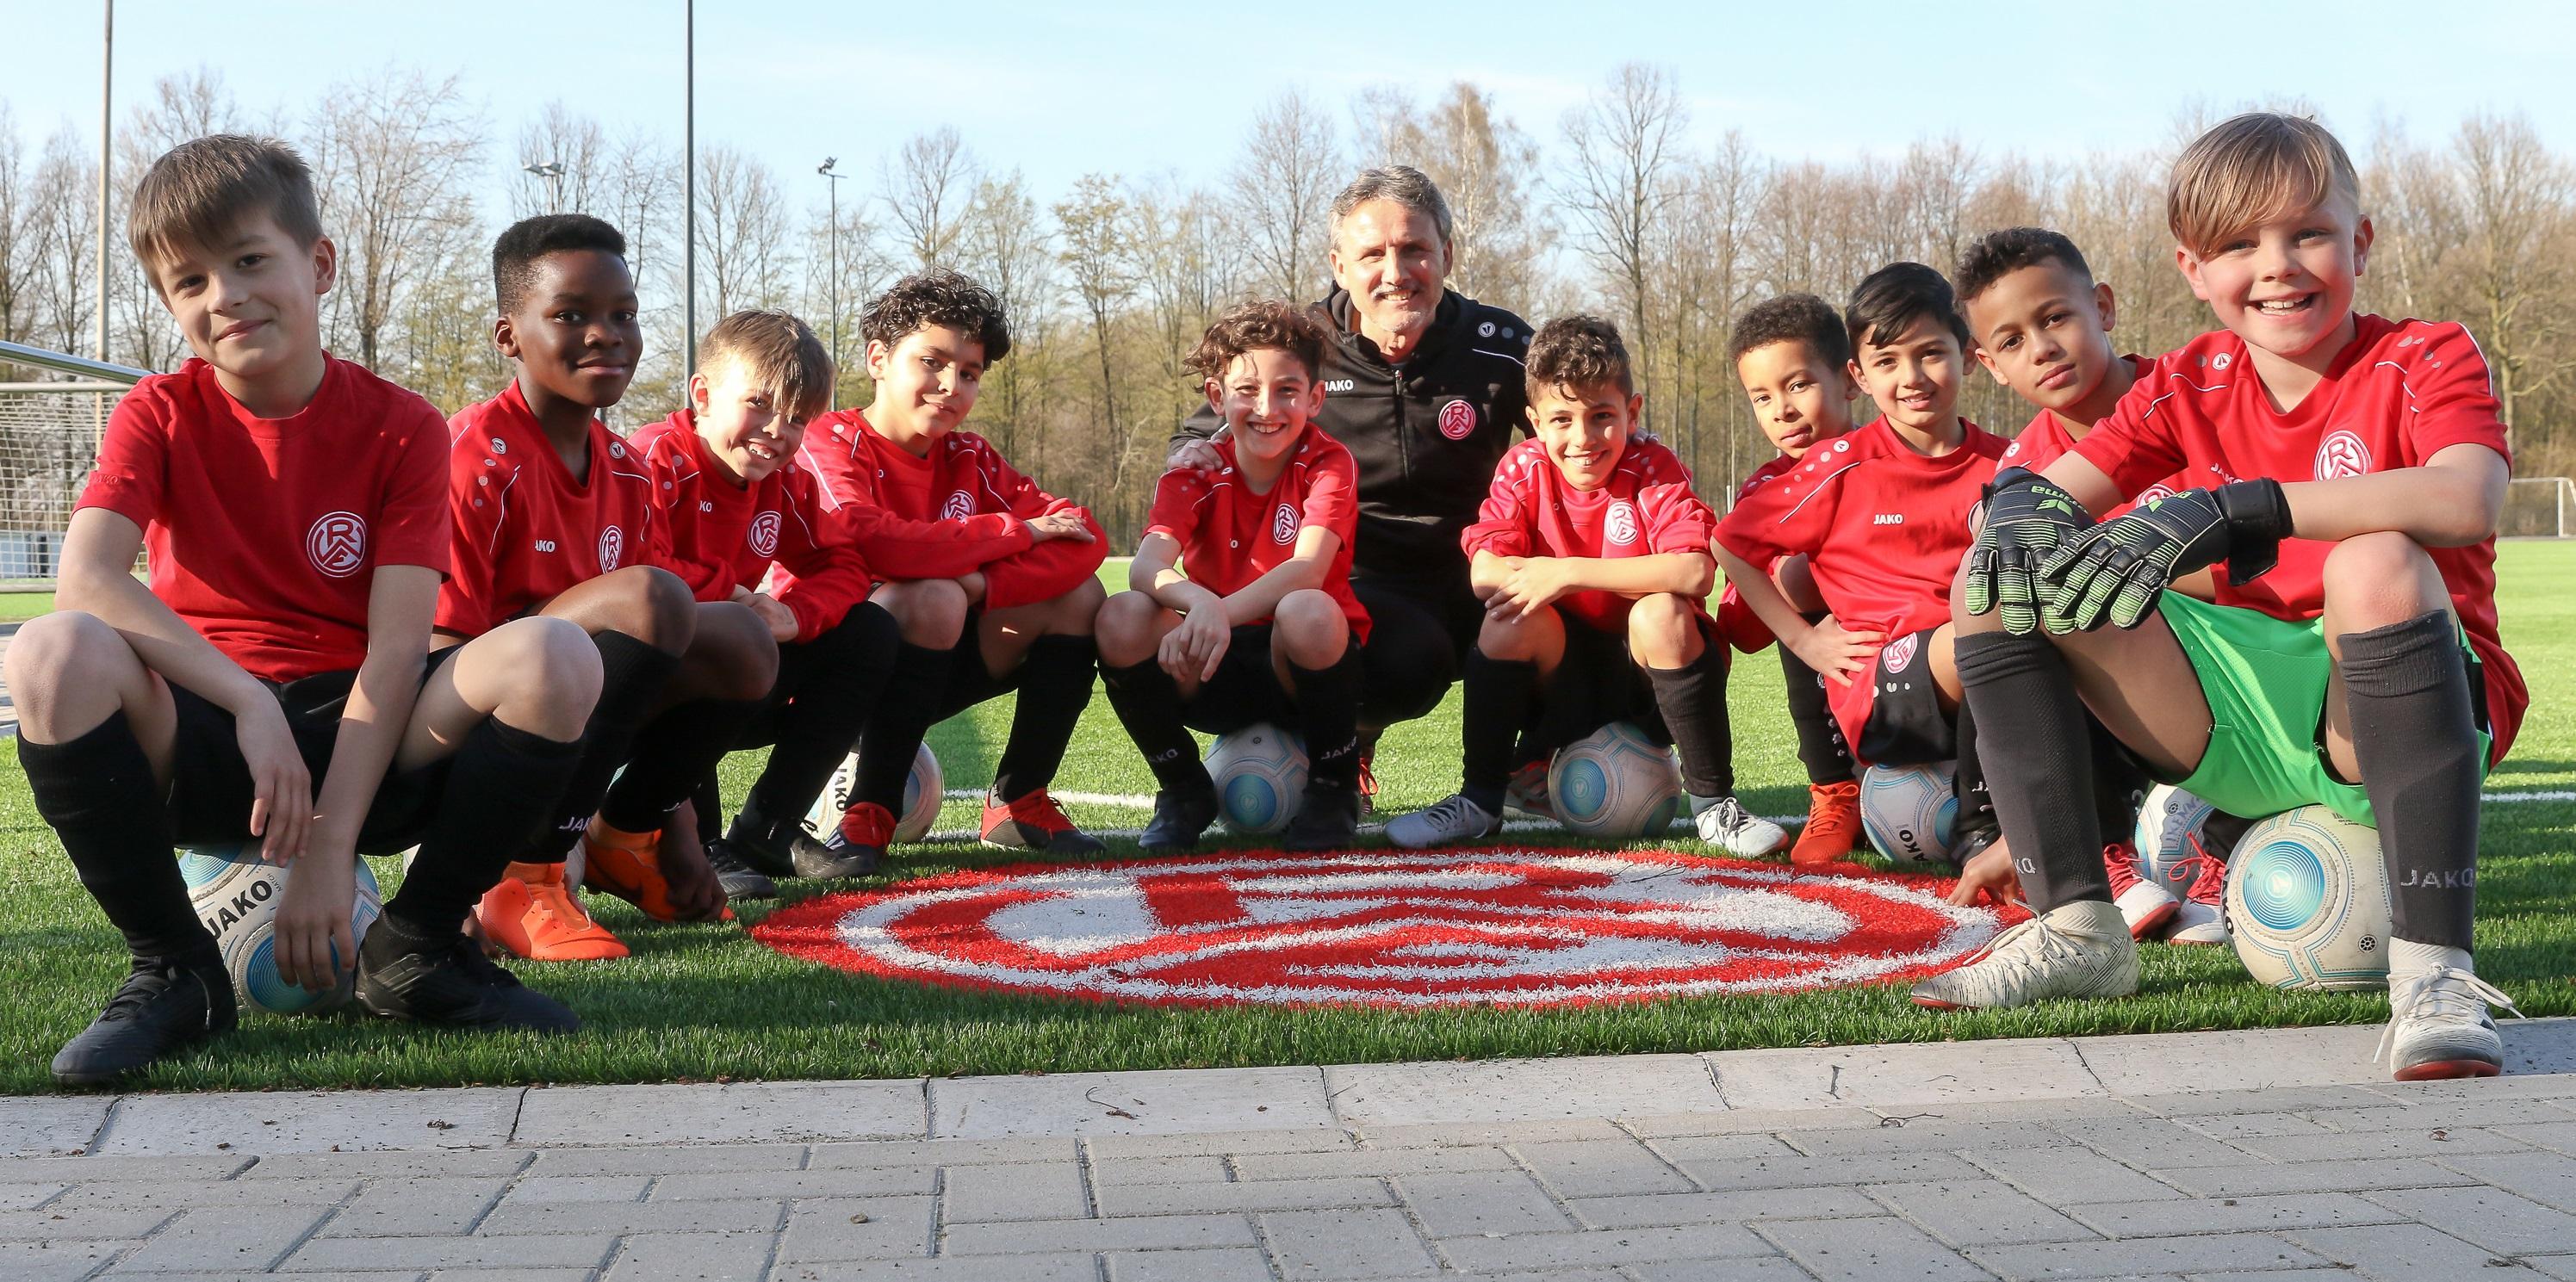 Auch in den Herbstferien findet an der Seumannstraße wieder das rot-weisse Fußballcamp statt (Foto:Endberg)